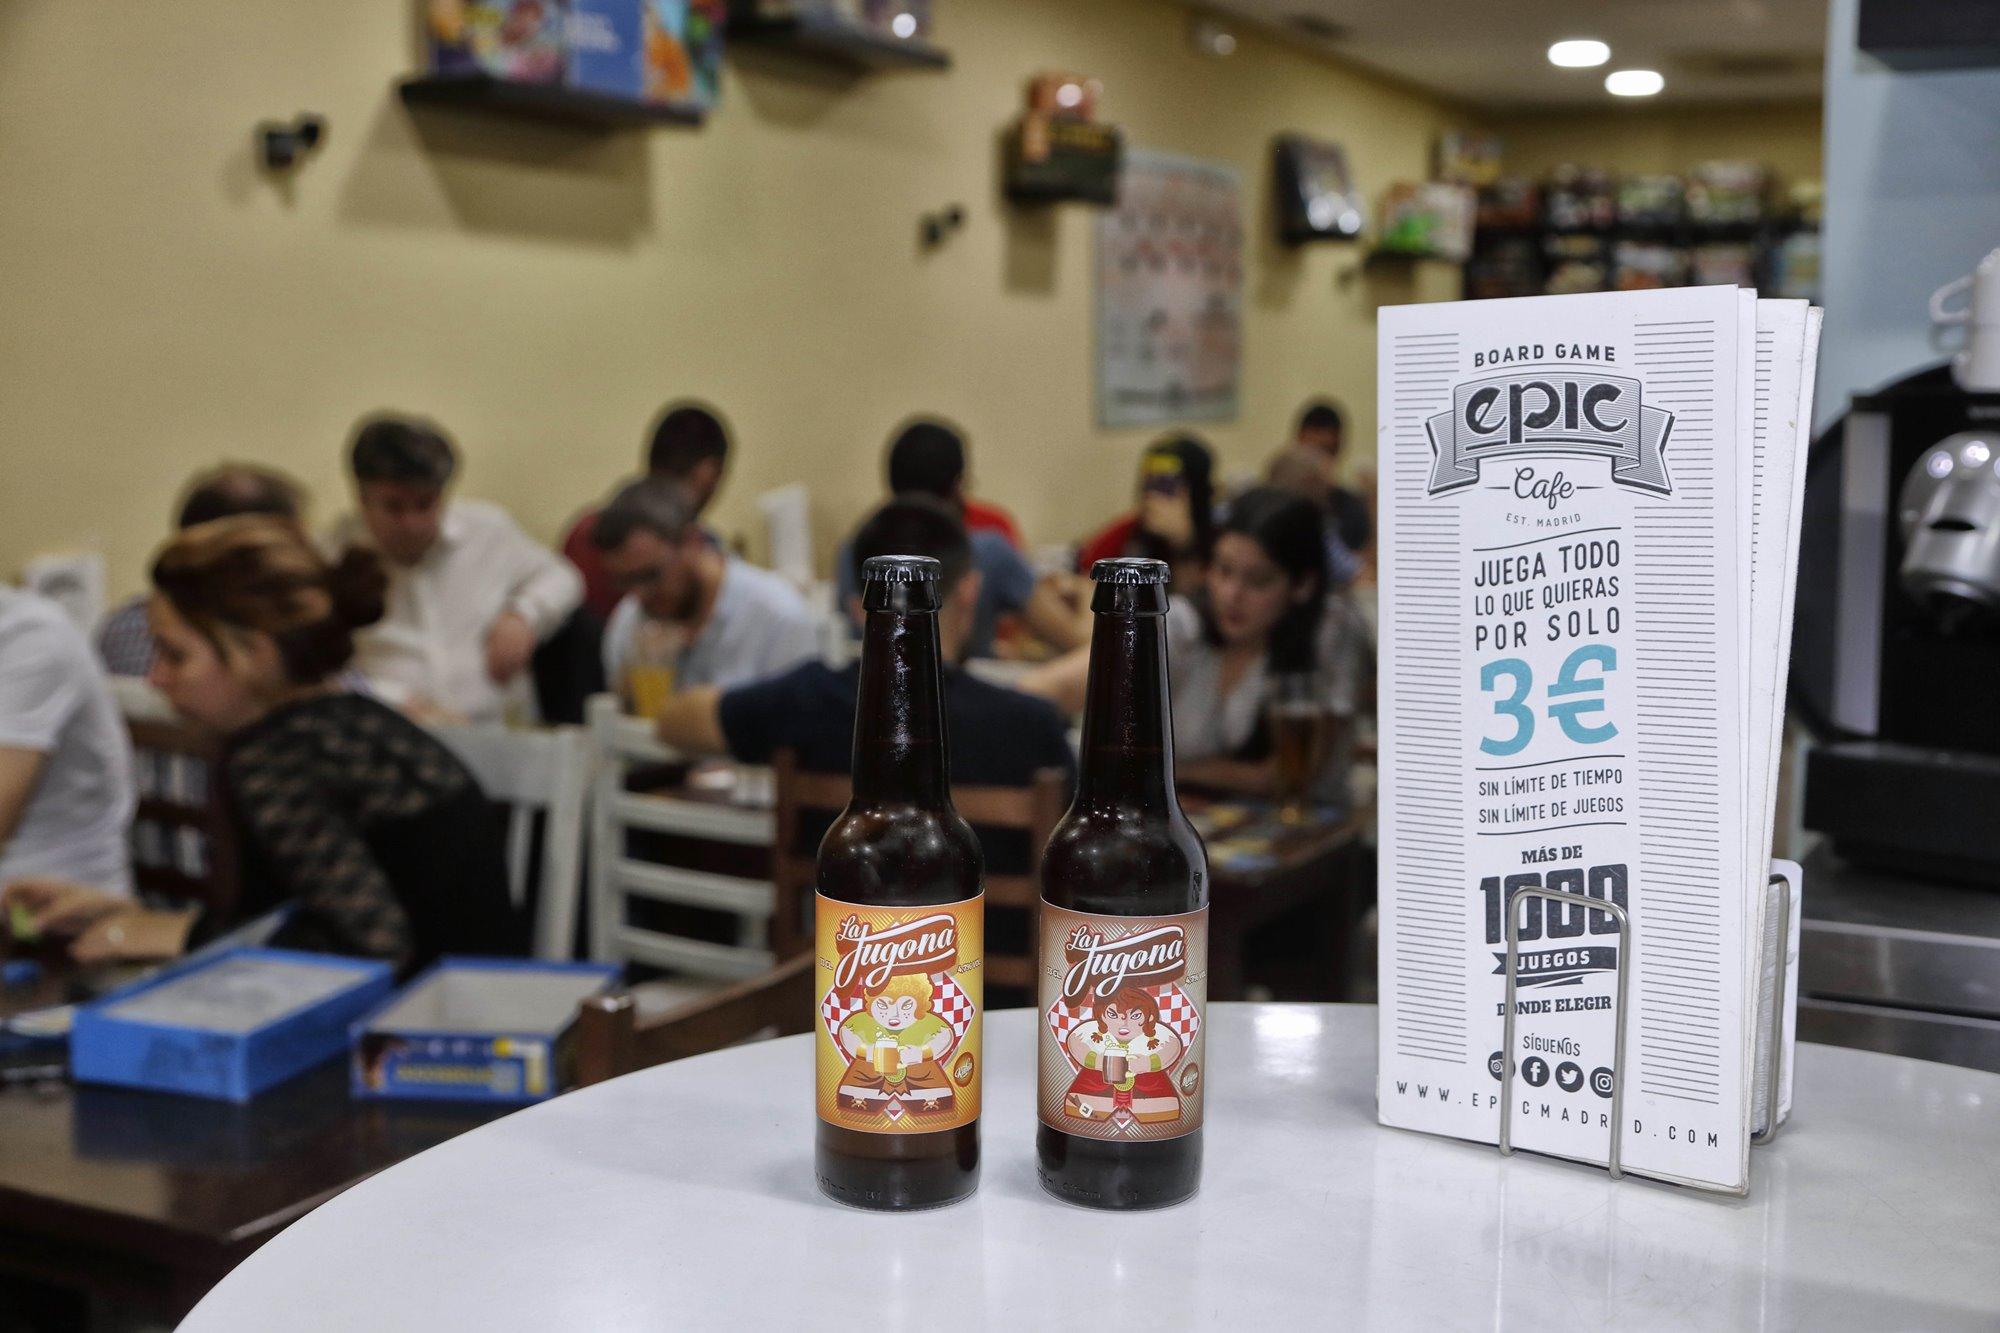 En el 'Epic' tienen su propia marca de cerveza artesanal.